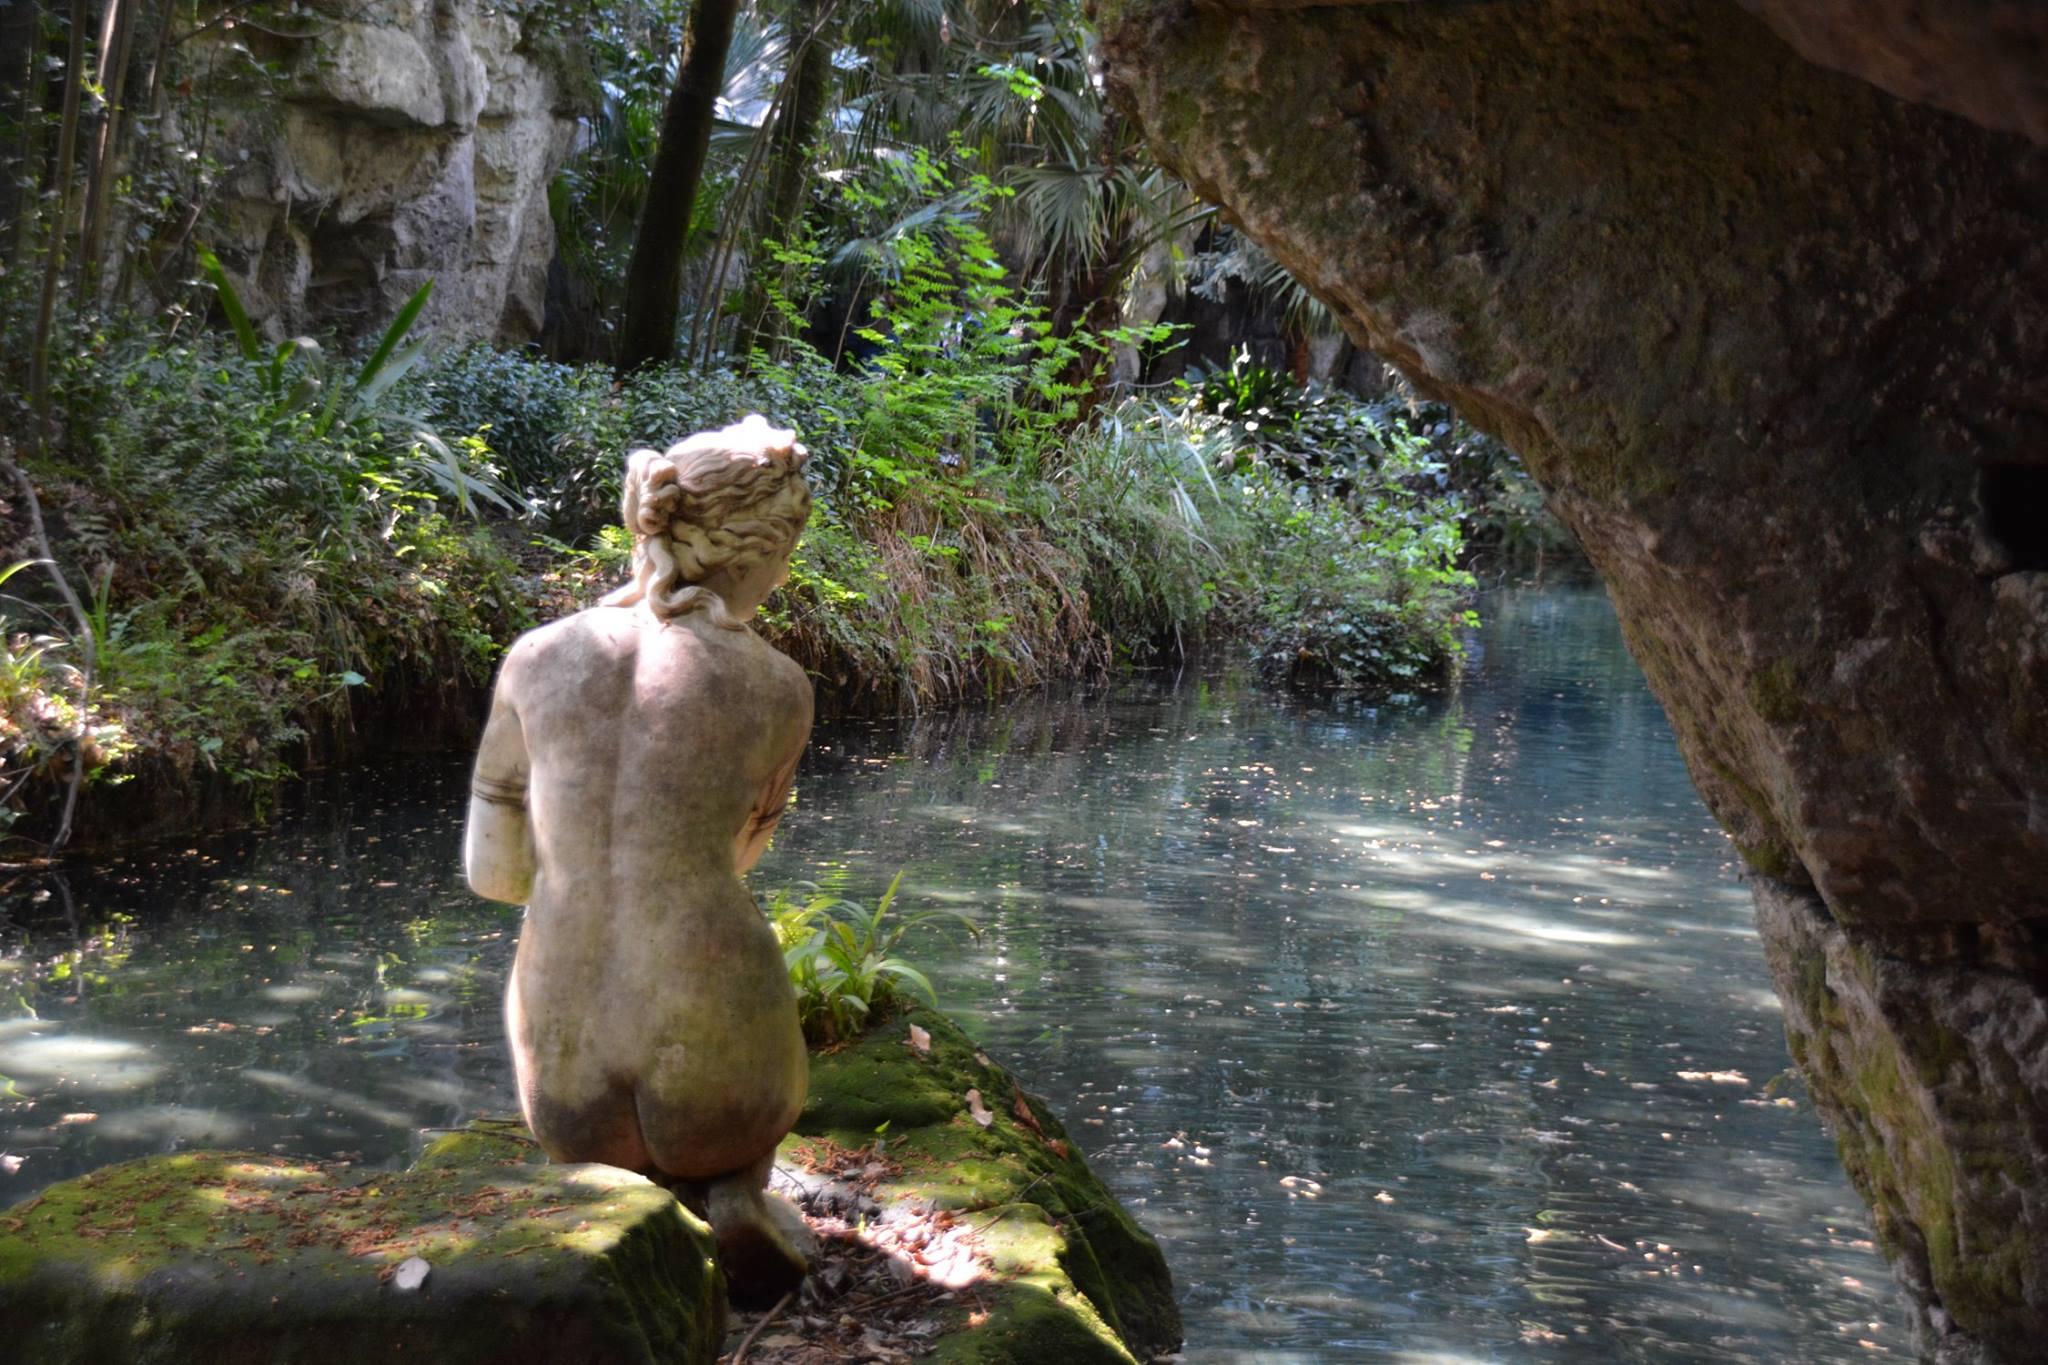 ונוס רוחצת במים-ארמון קזארטה